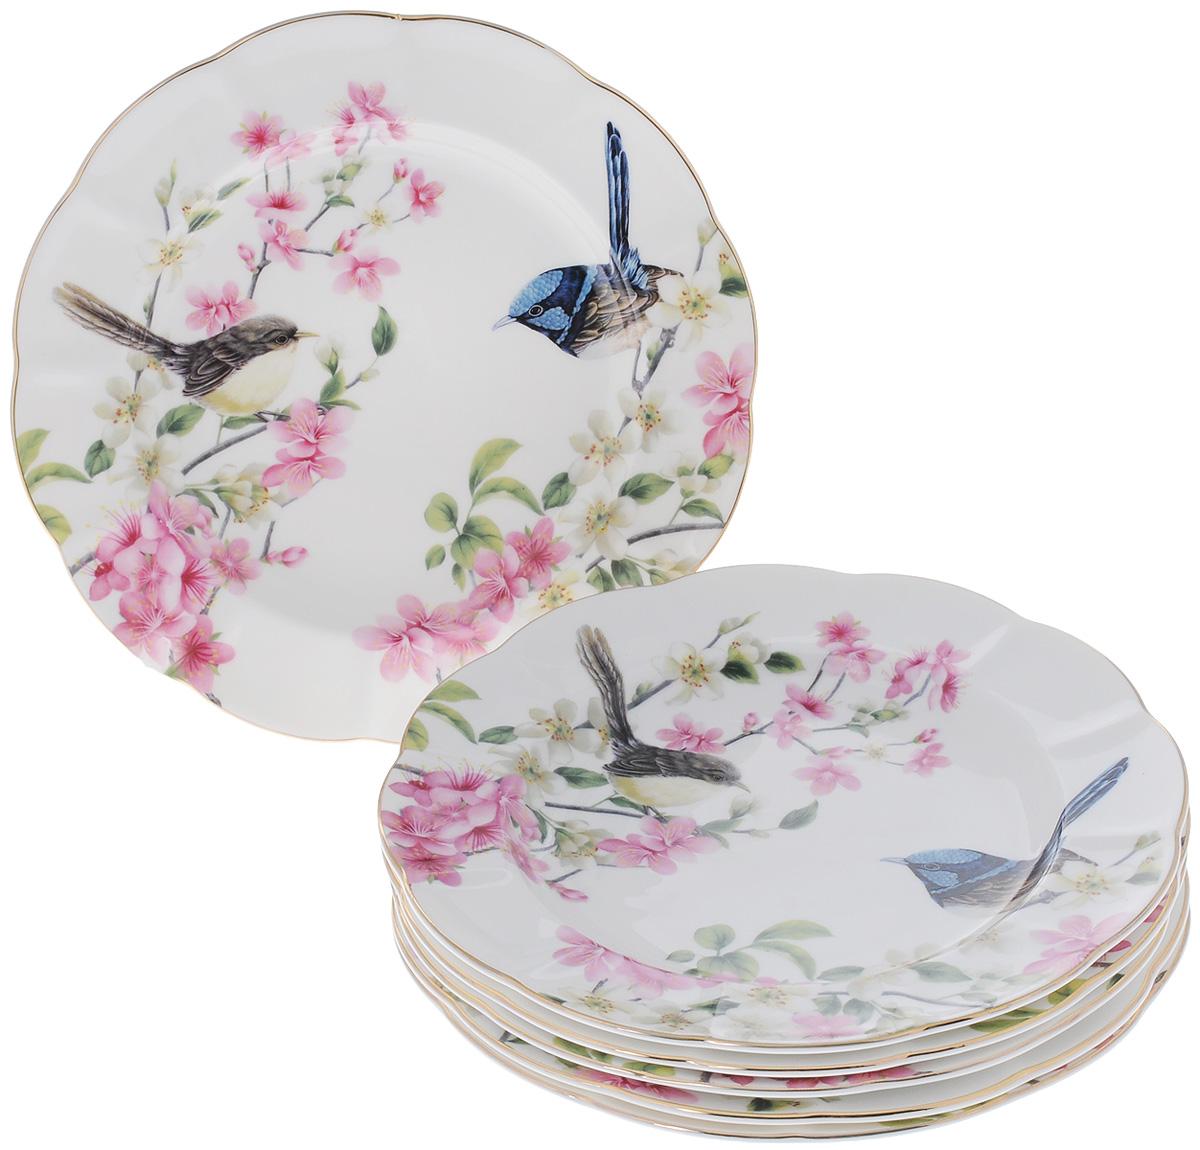 Набор тарелок Elan Gallery Райские птички, диаметр 19 см, 6 шт тарелки elan gallery н��бор тарелок райские птички